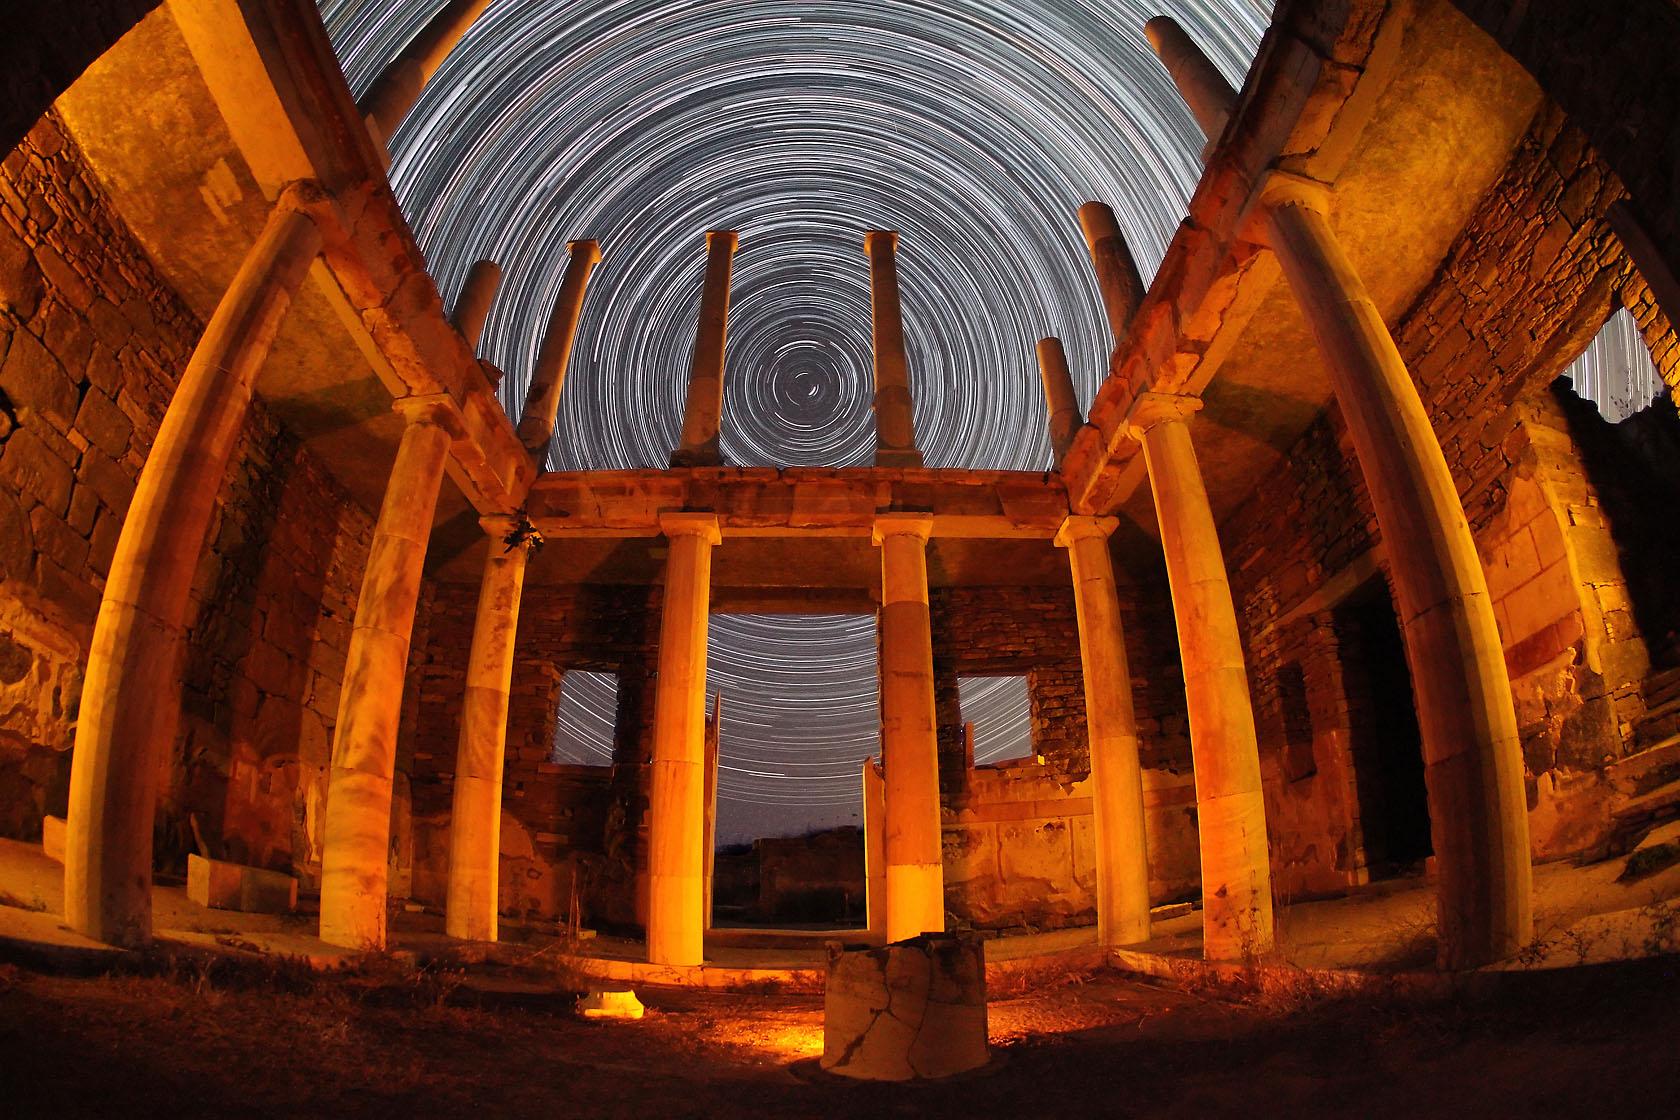 Η οικία του Ερμή στη Δήλο (που ήταν ίσως κατοικία μιας συντεχνίας εμπόρων που λειτουργούσε στο νησί μεταξύ του 3ου και 1ου π.Χ. αιώνα) σε πλήρη αρμονία με τα άστρα του Βορρά σε μια φωτογράφιση που διήρκεσε 3 1/2 ώρες.